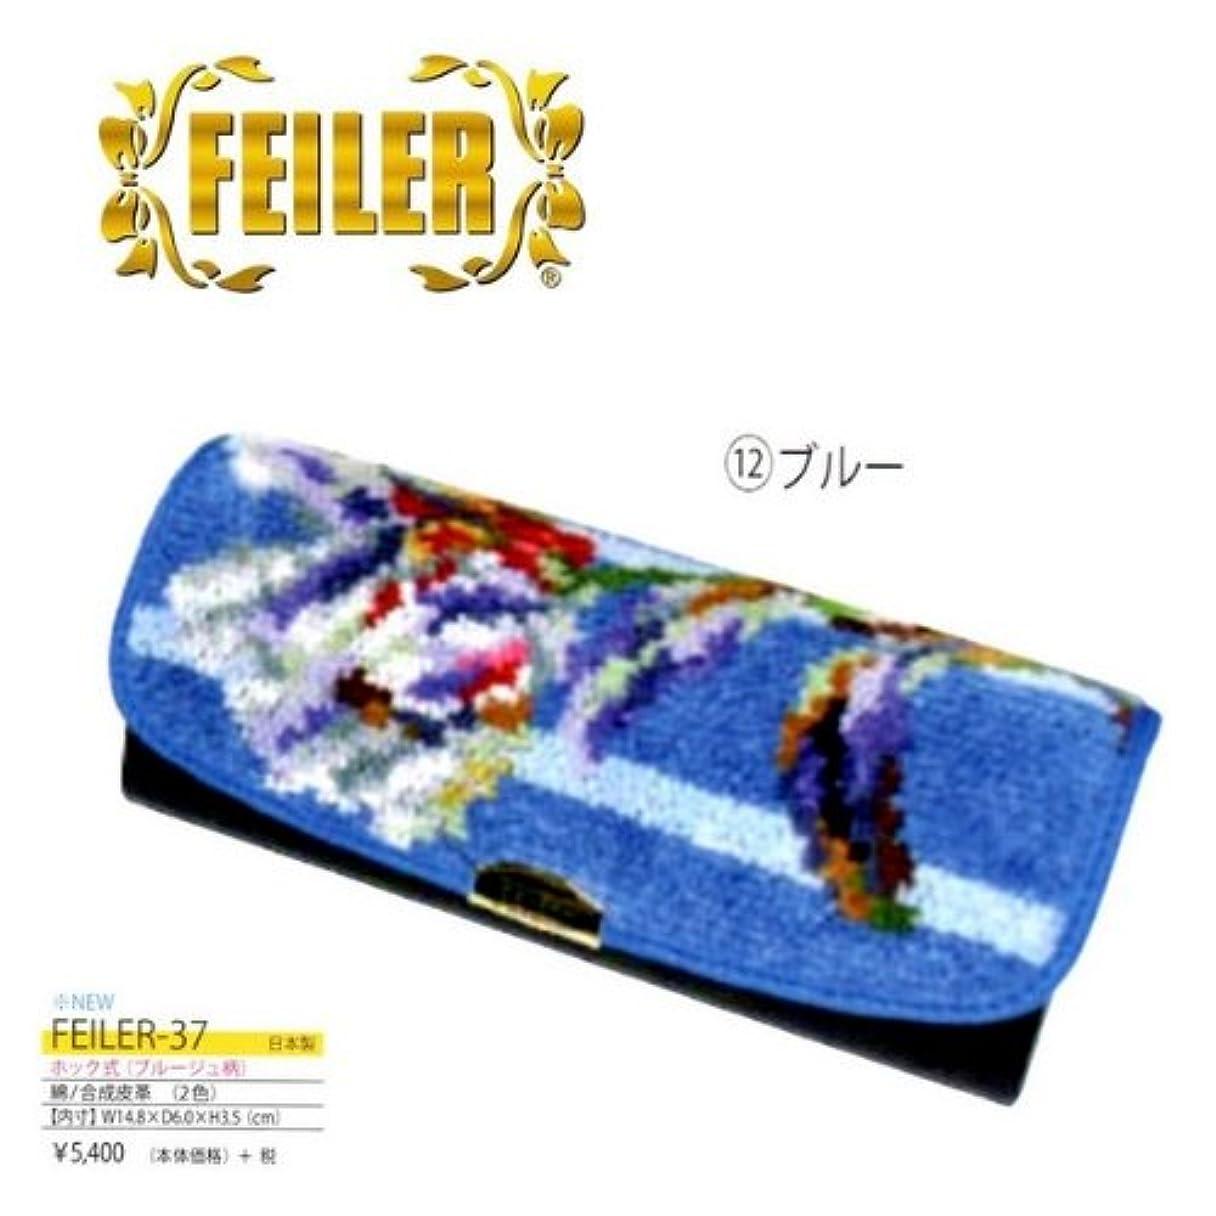 先生遊び場喪【FEILER】フェイラー メガネケース FEILER-37 ブルージュ柄 ブルー